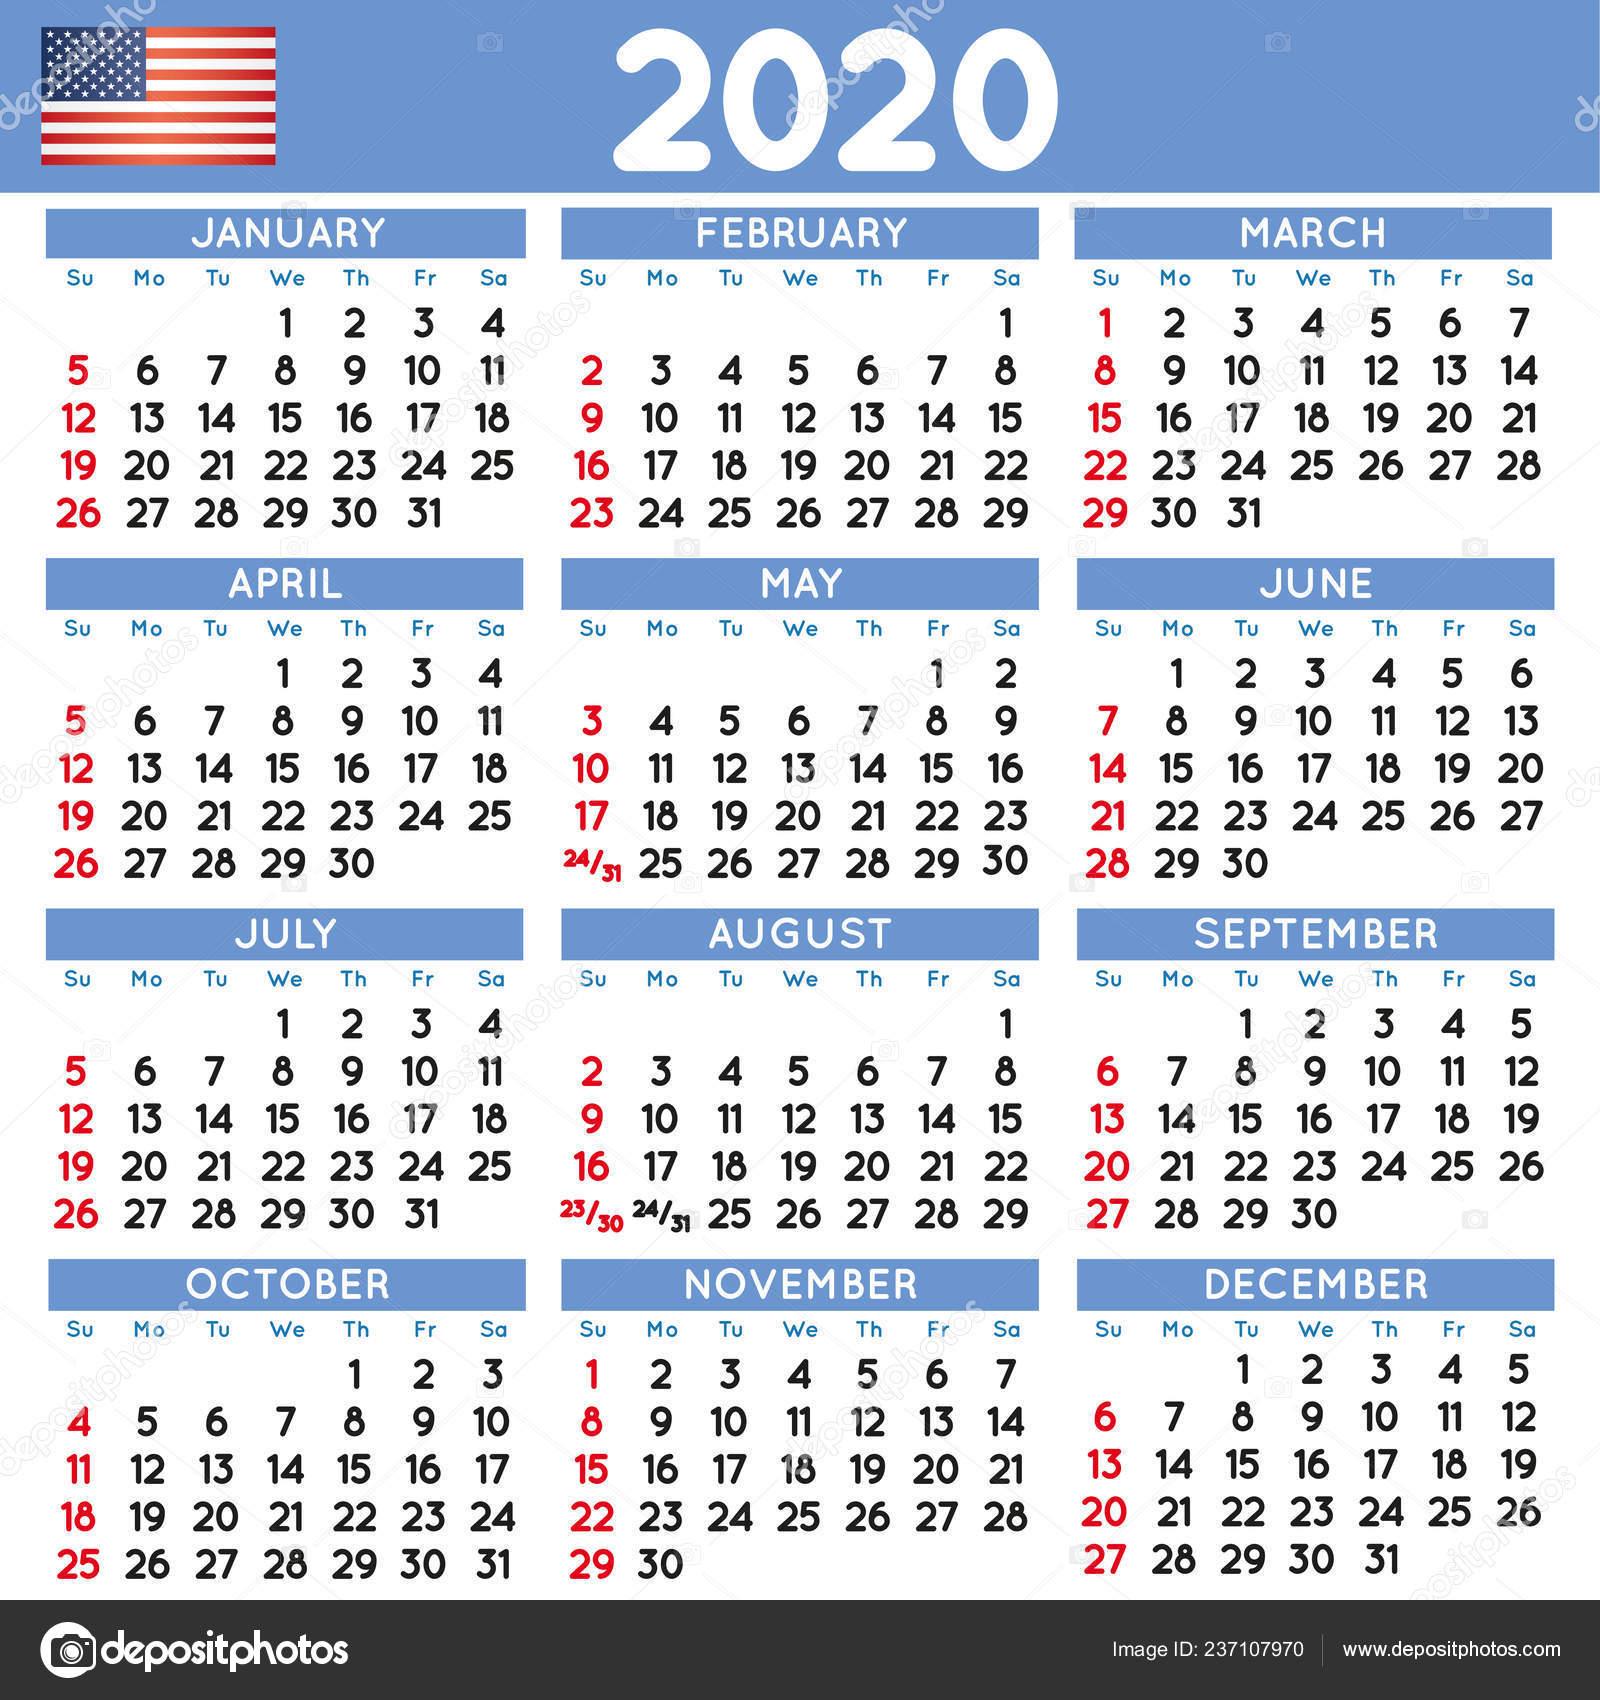 2020 Году Элегантный Квадрат Календарь Английский Сша 2020